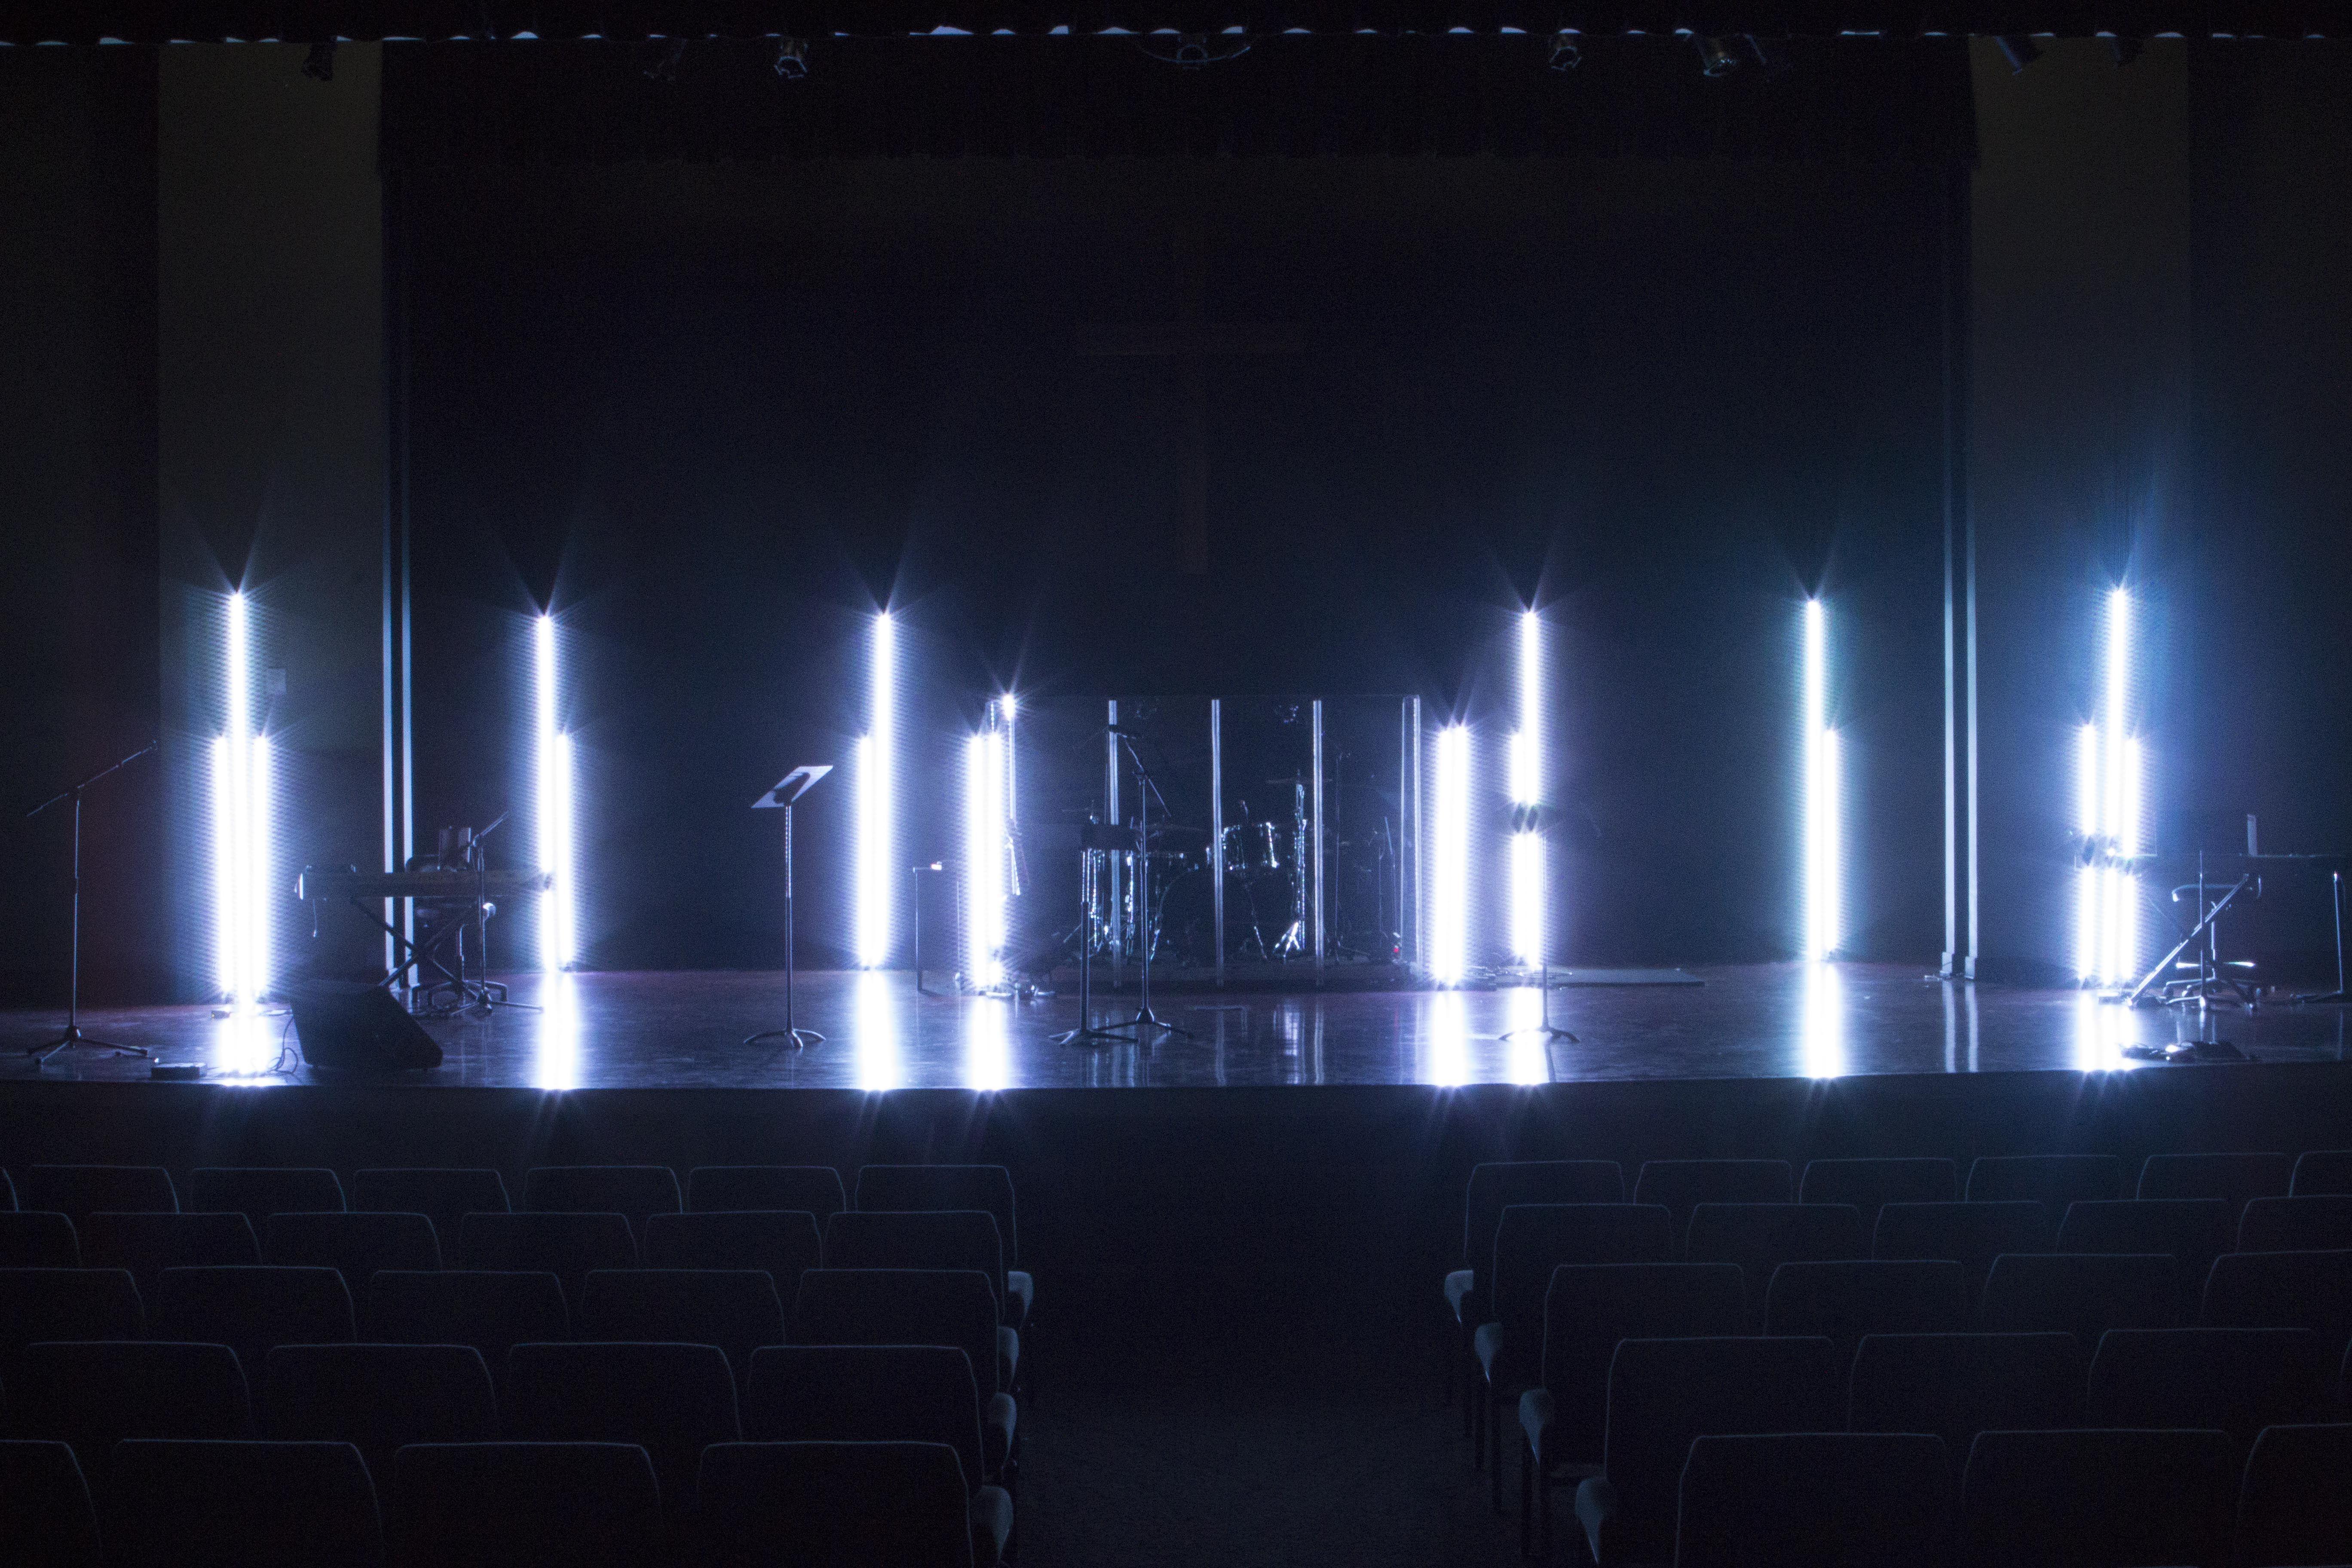 church lighting ideas. Church Lighting Design Ideas. Tweet2 Pin19 Share26 +1148 Total SharesArron Hartt From Gateway Baptist Ideas E